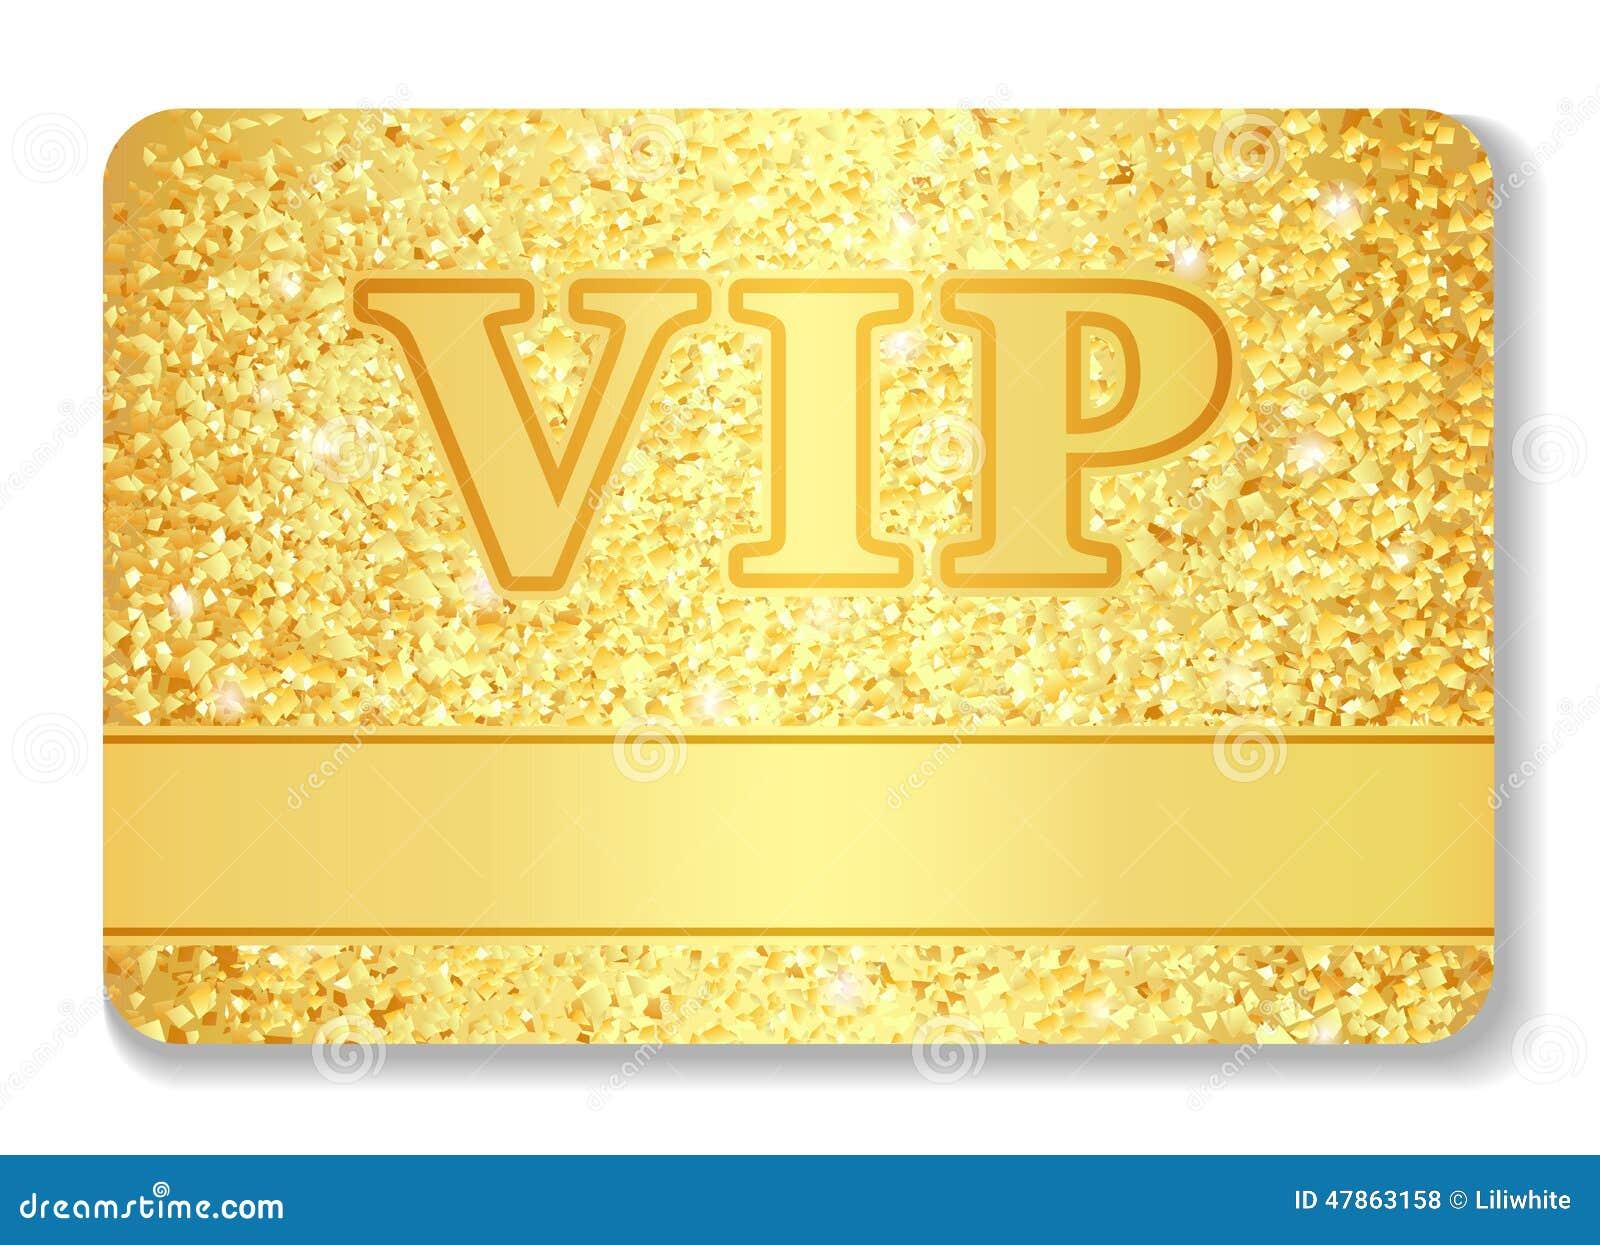 Gold Vip Club Casino Download